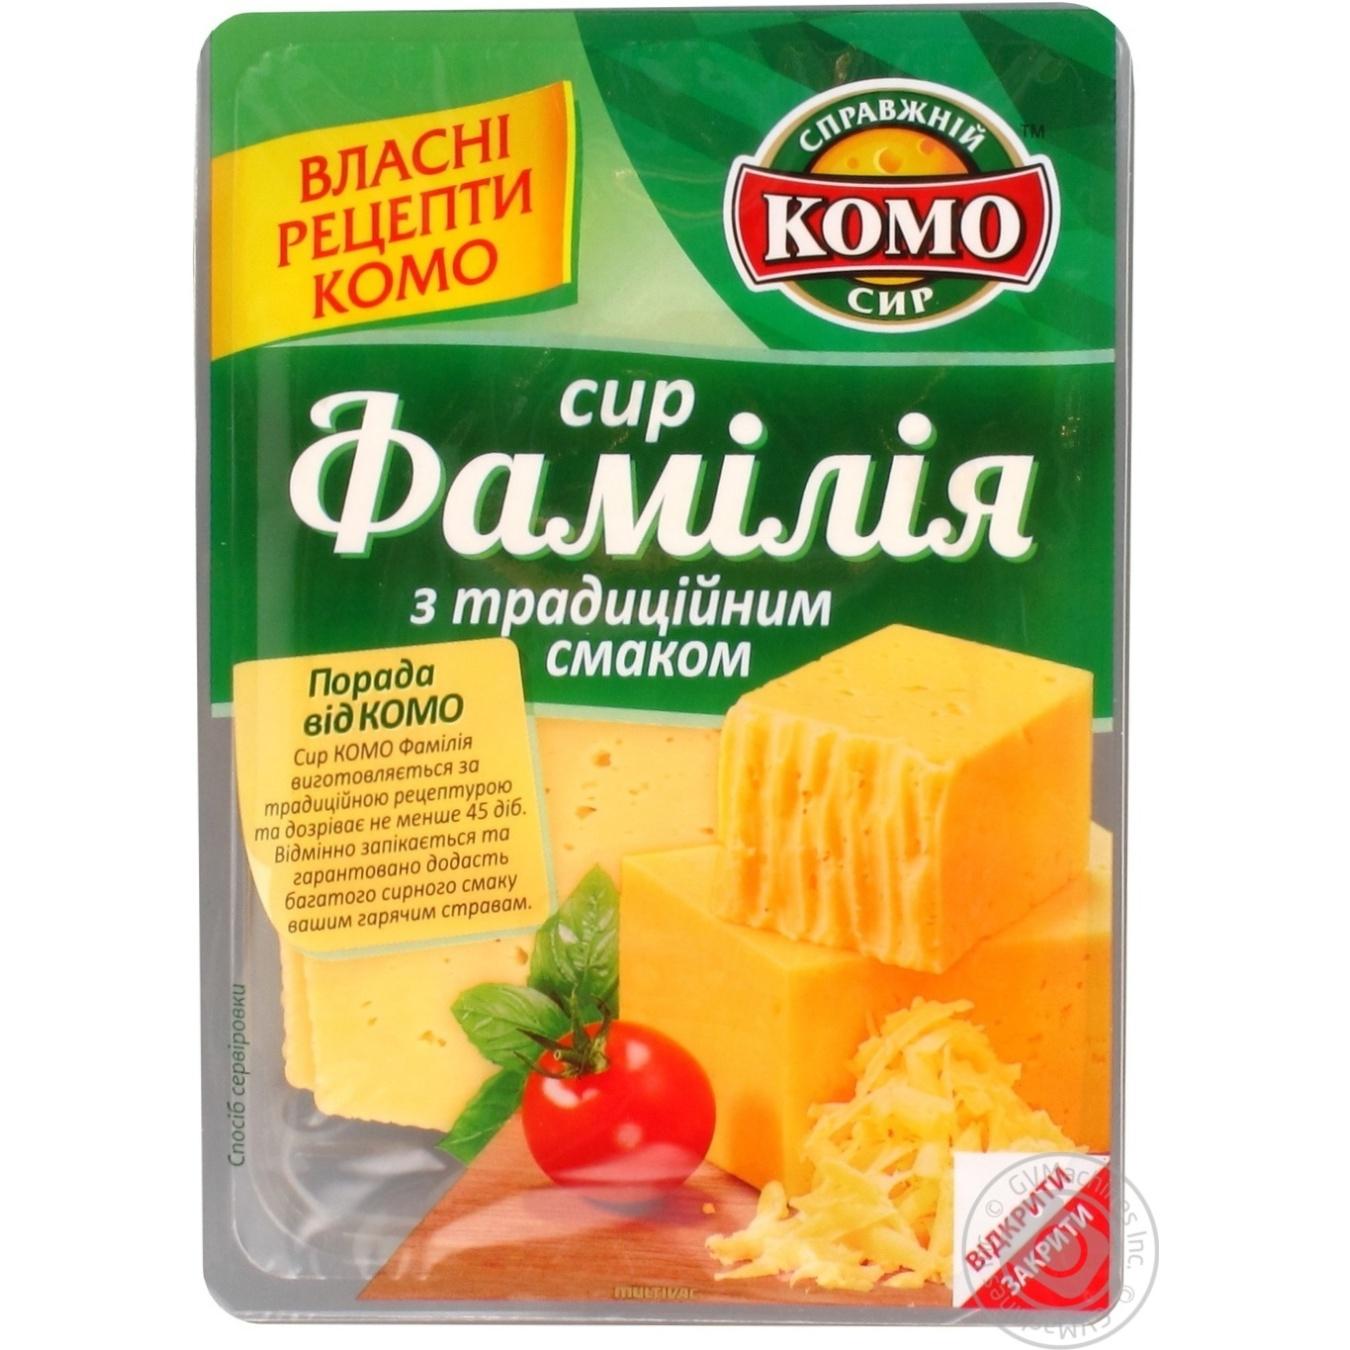 Сыр Комо Фамилия с традиционным вкусом твёрдый нарезанный ломтиками 50%  150г Украина e9c6e541cb8